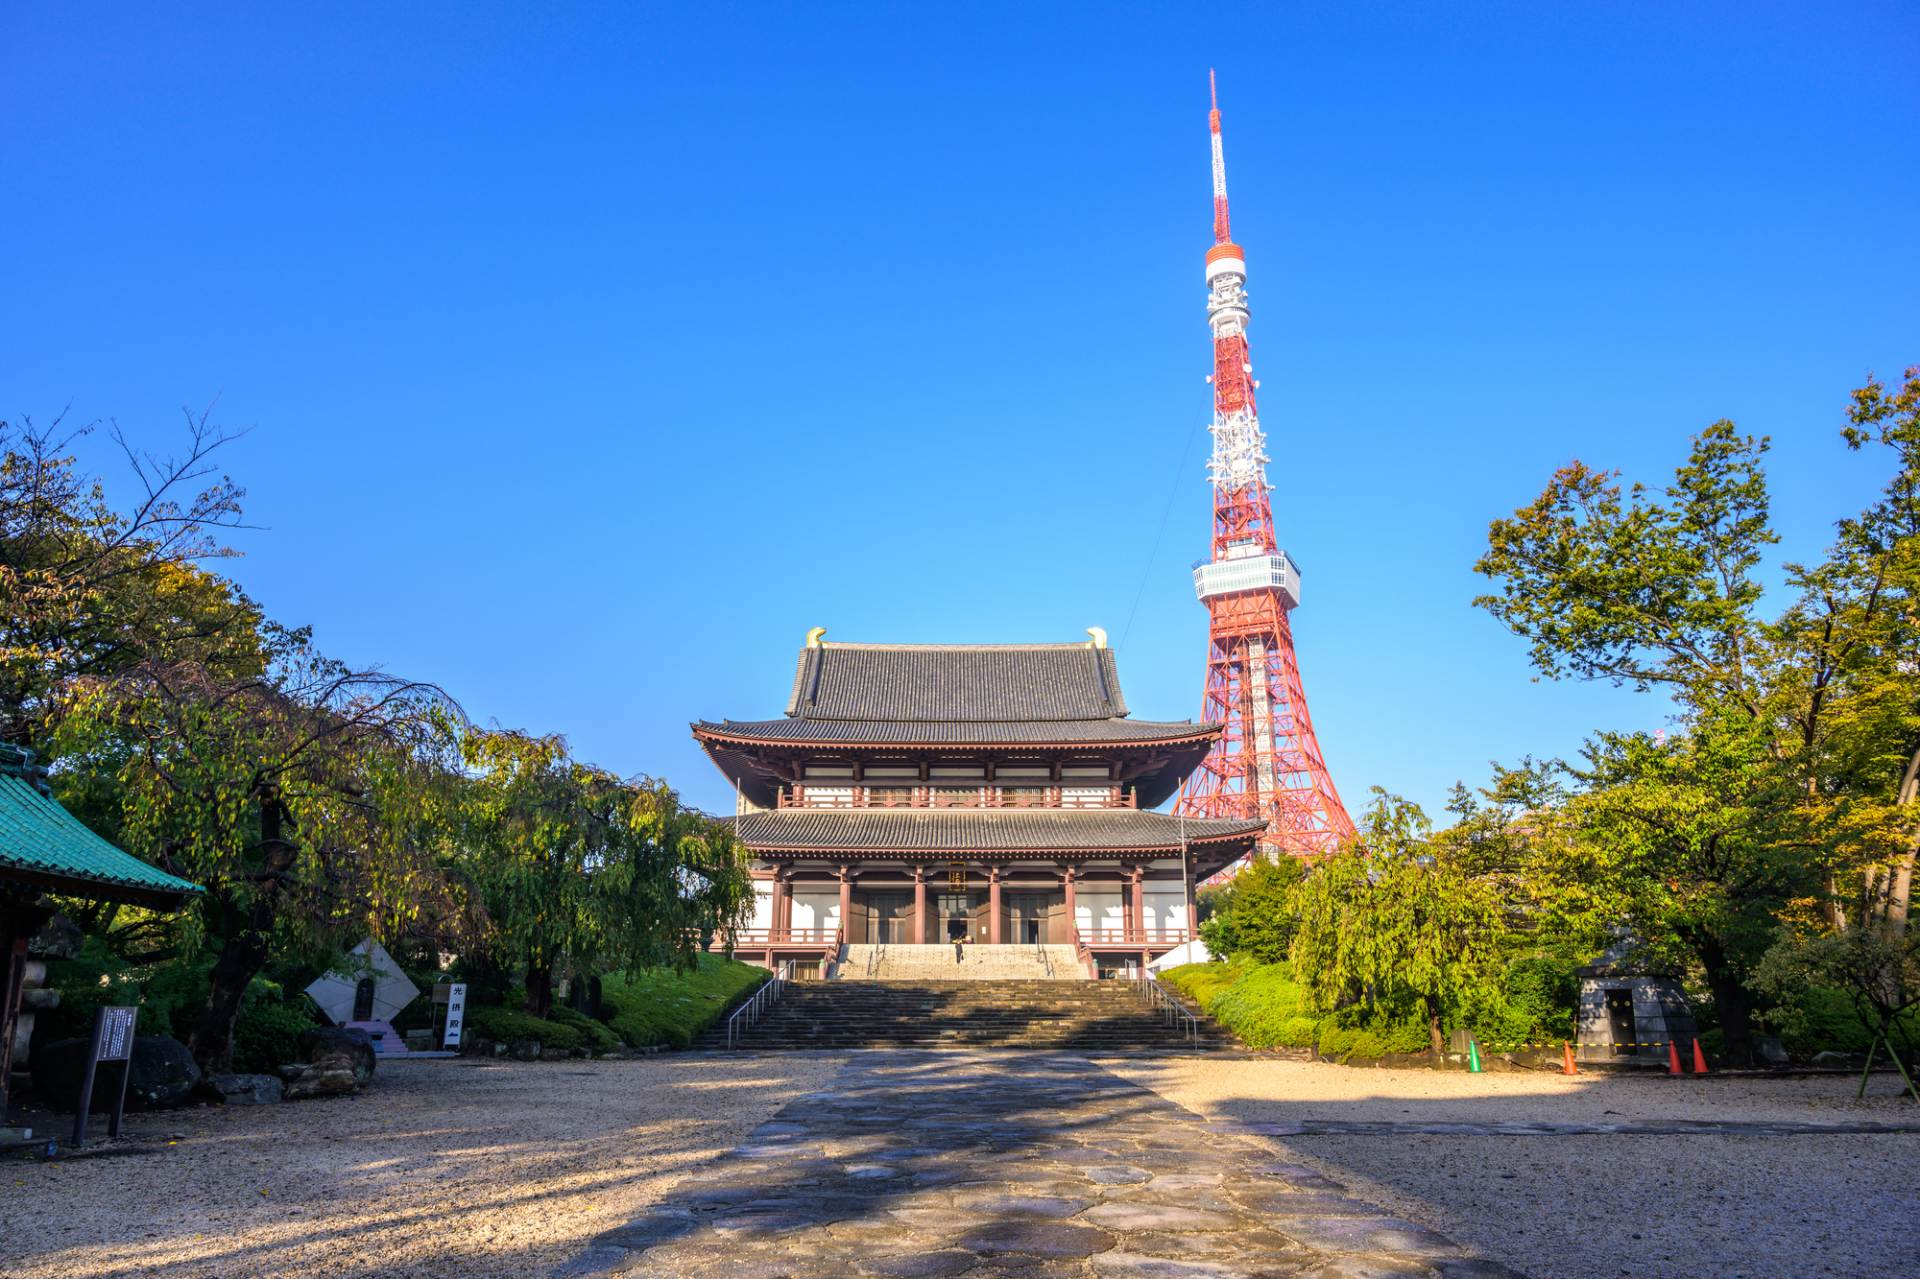 増上寺 × 東京鐵塔 東西建築的對比美令人驚艷